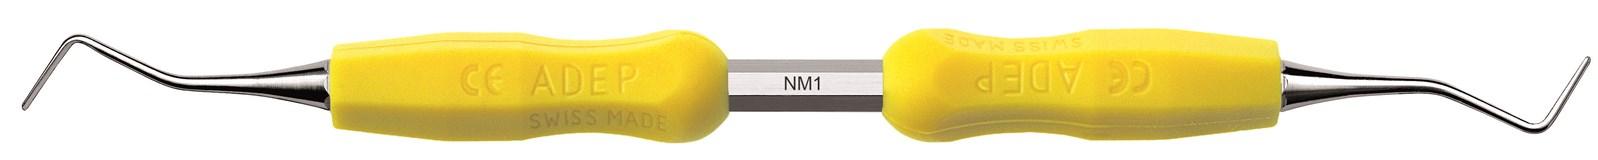 Lžičkové dlátko - NM1, ADEP fialový